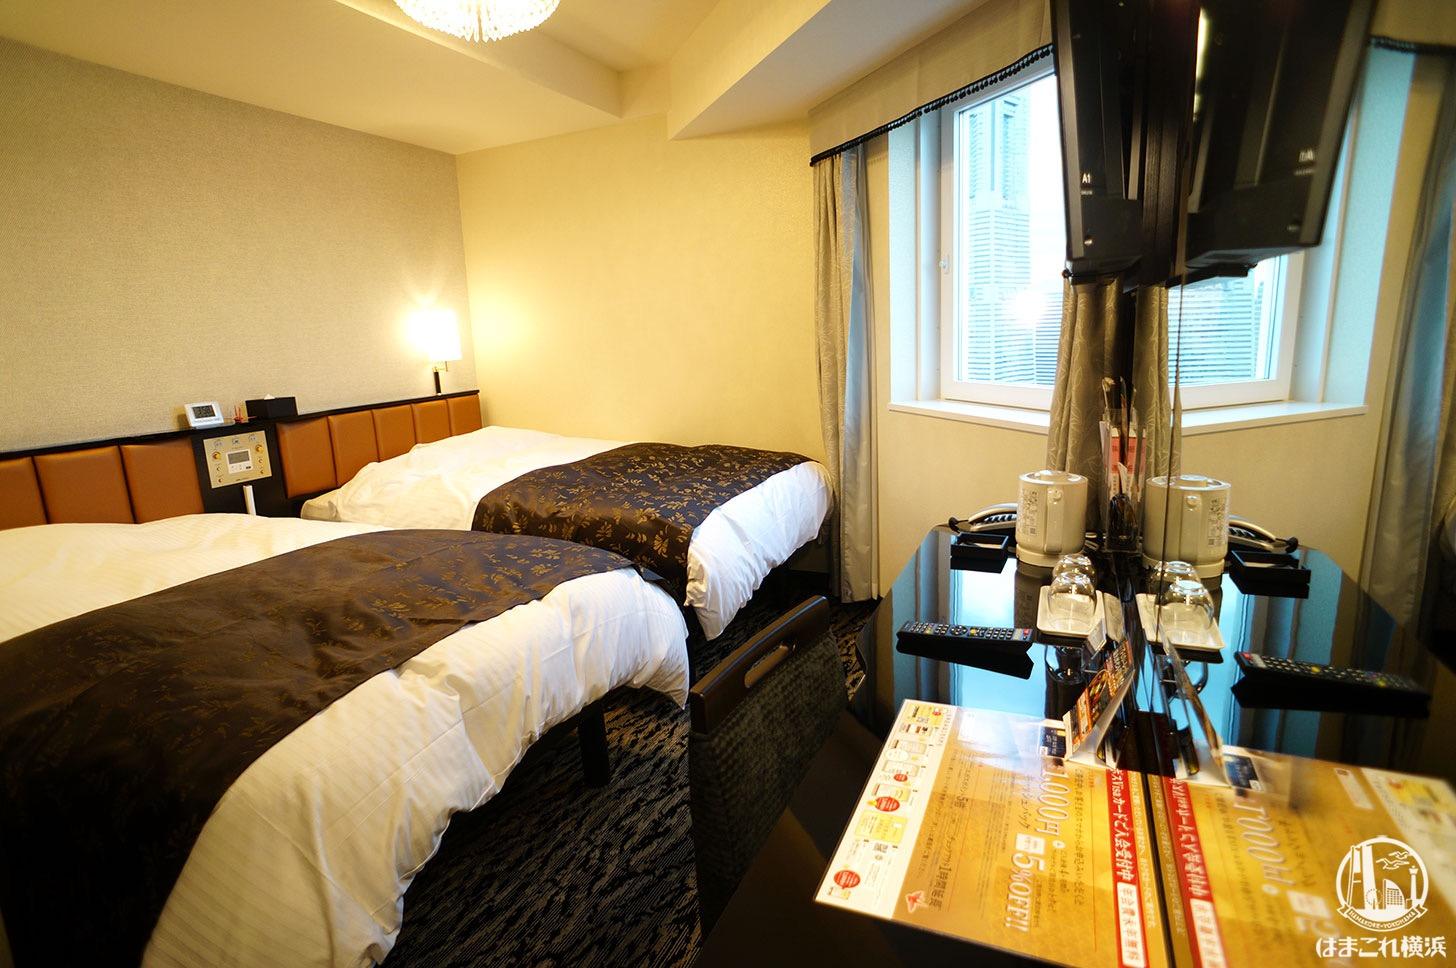 アパホテル&リゾート 横浜ベイタワー「コーナーツインルーム(みなとみらい側)」